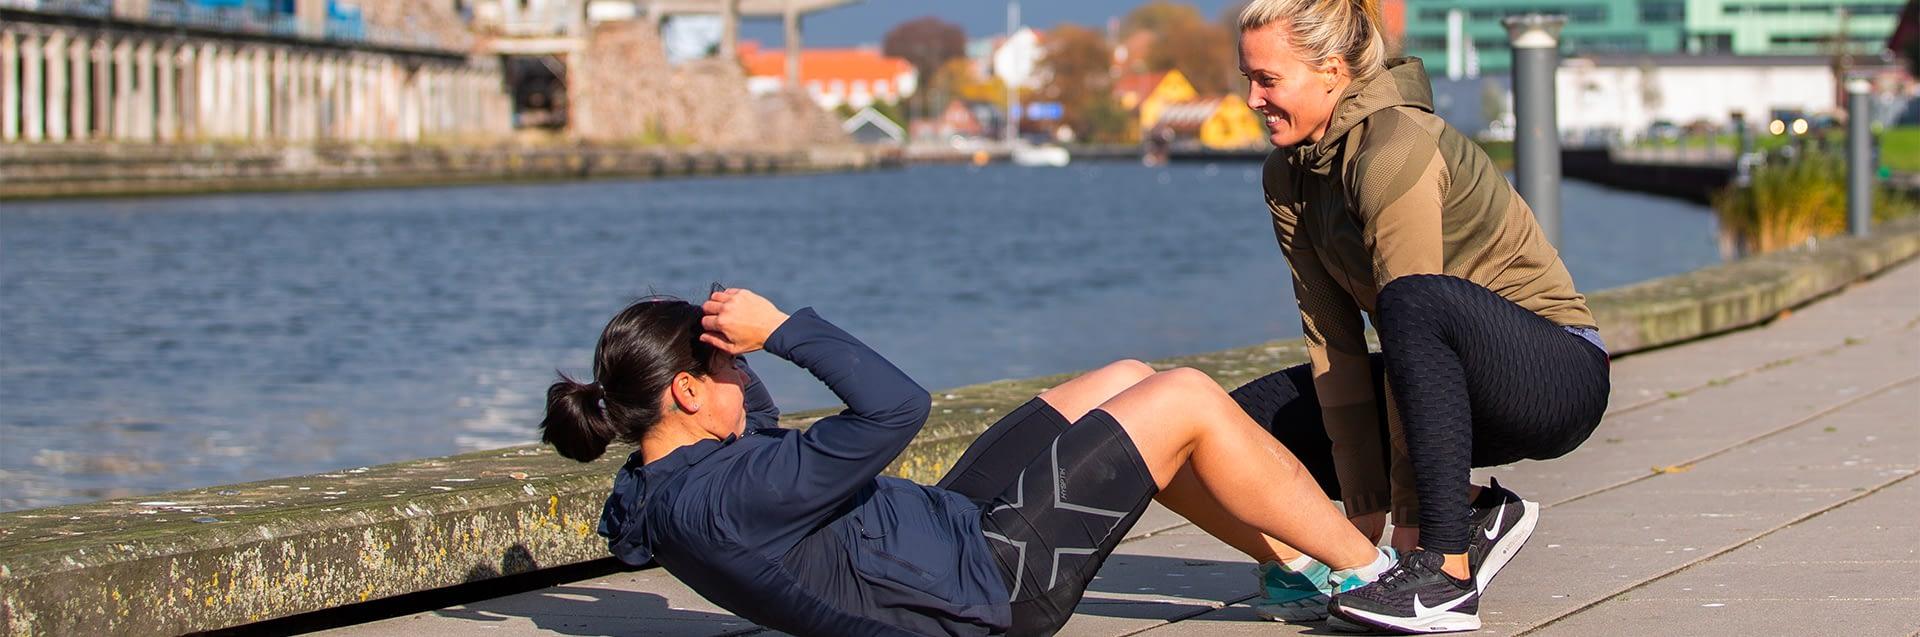 Fitnessgym.dk personlig træning